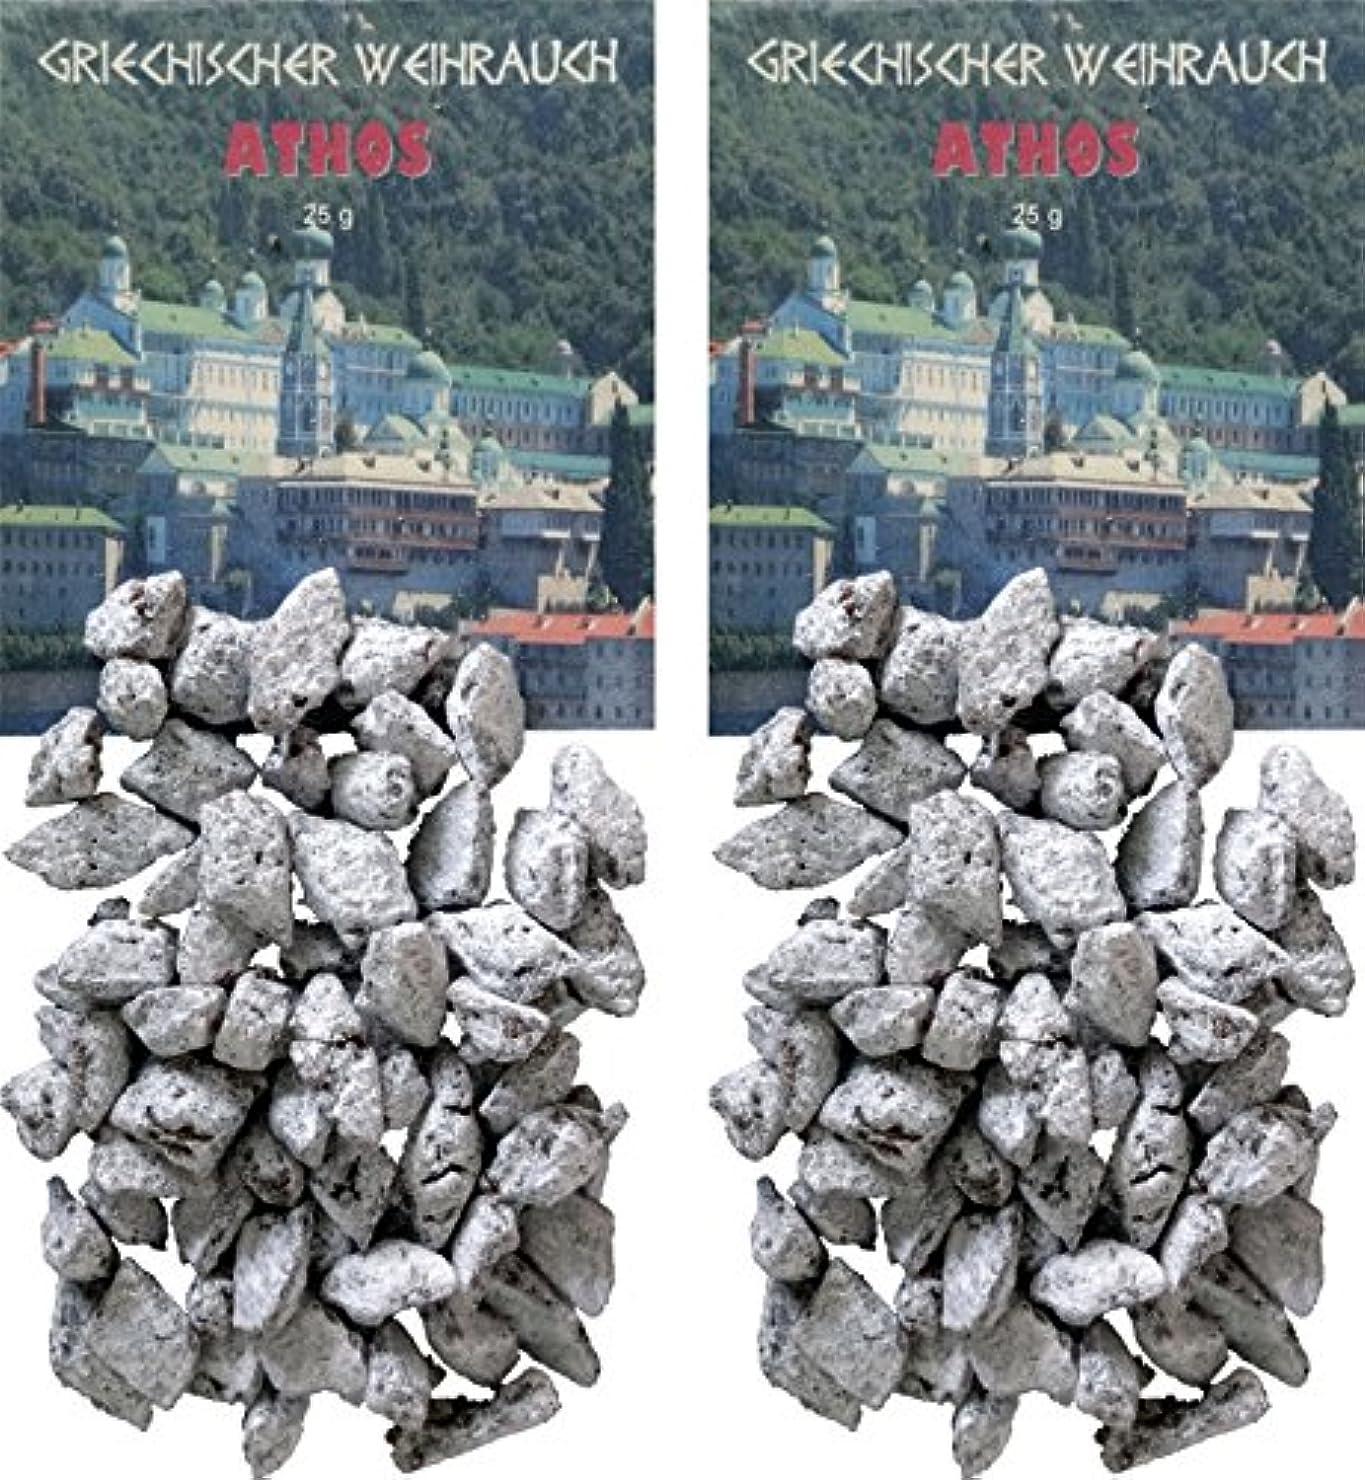 知り合いになる眠り雪Trimontium GWR01-P2 インセンス フランキンセンス-アトス ギリシャの歌 2x25g チャコールまたはシーブ用